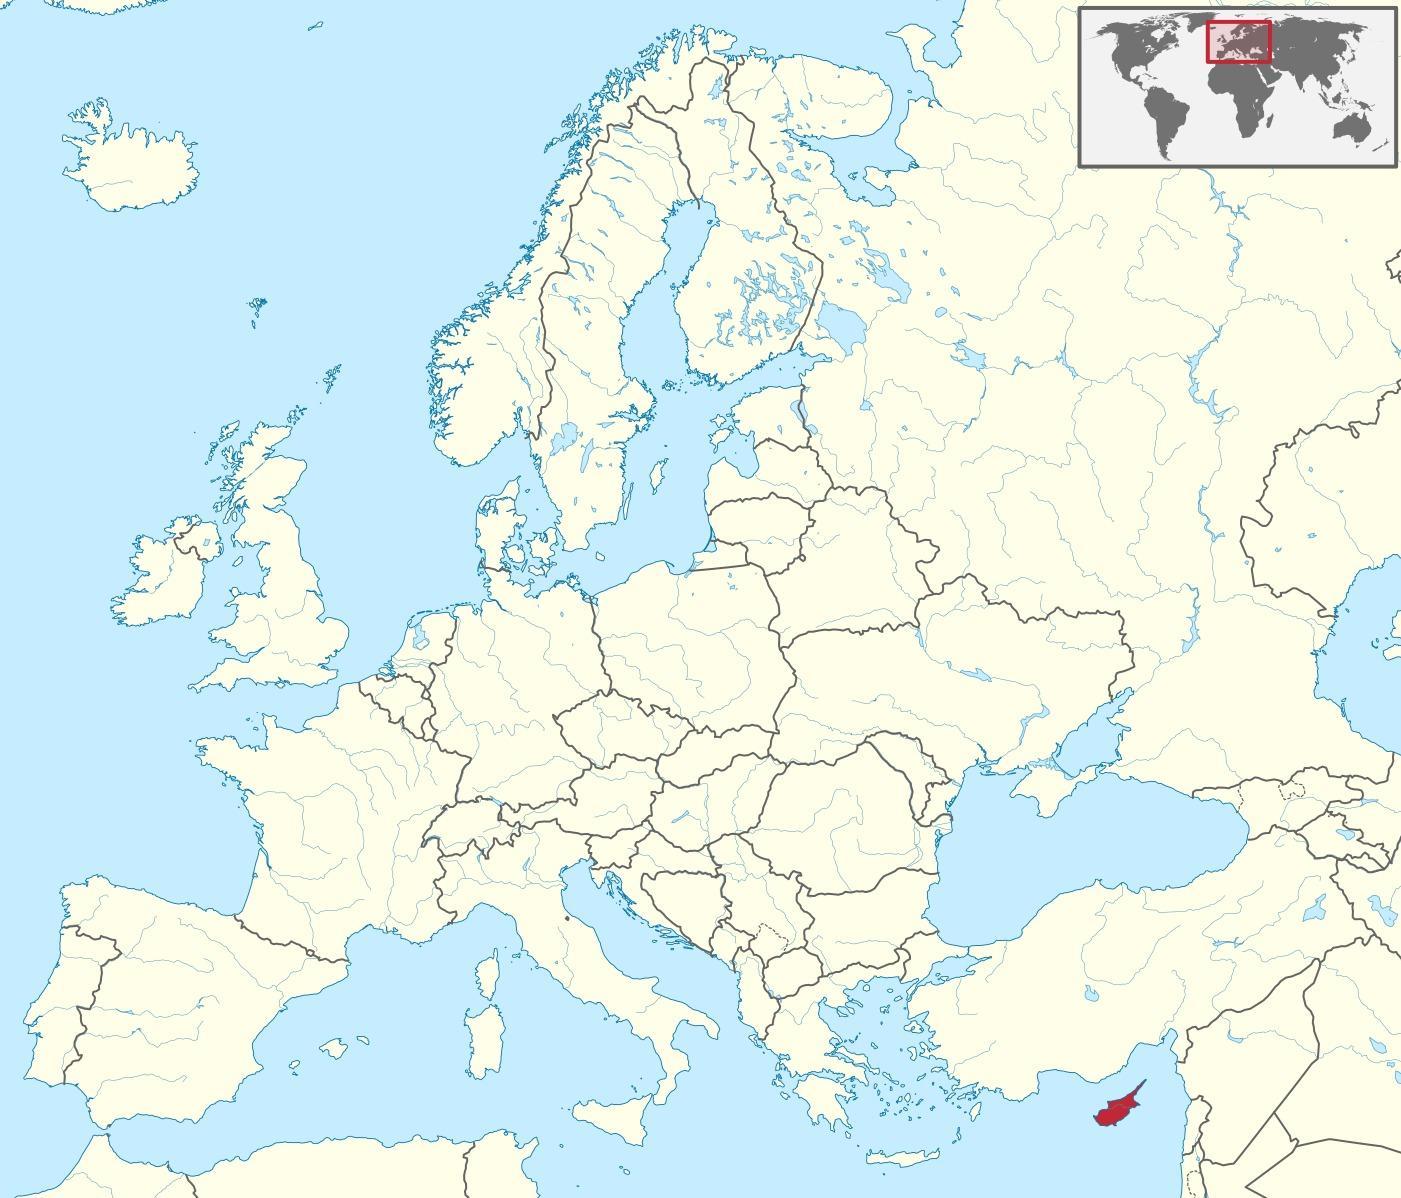 kypros kart Kypros i world map   Kypros kart på verden (Sør Europa   Europa)